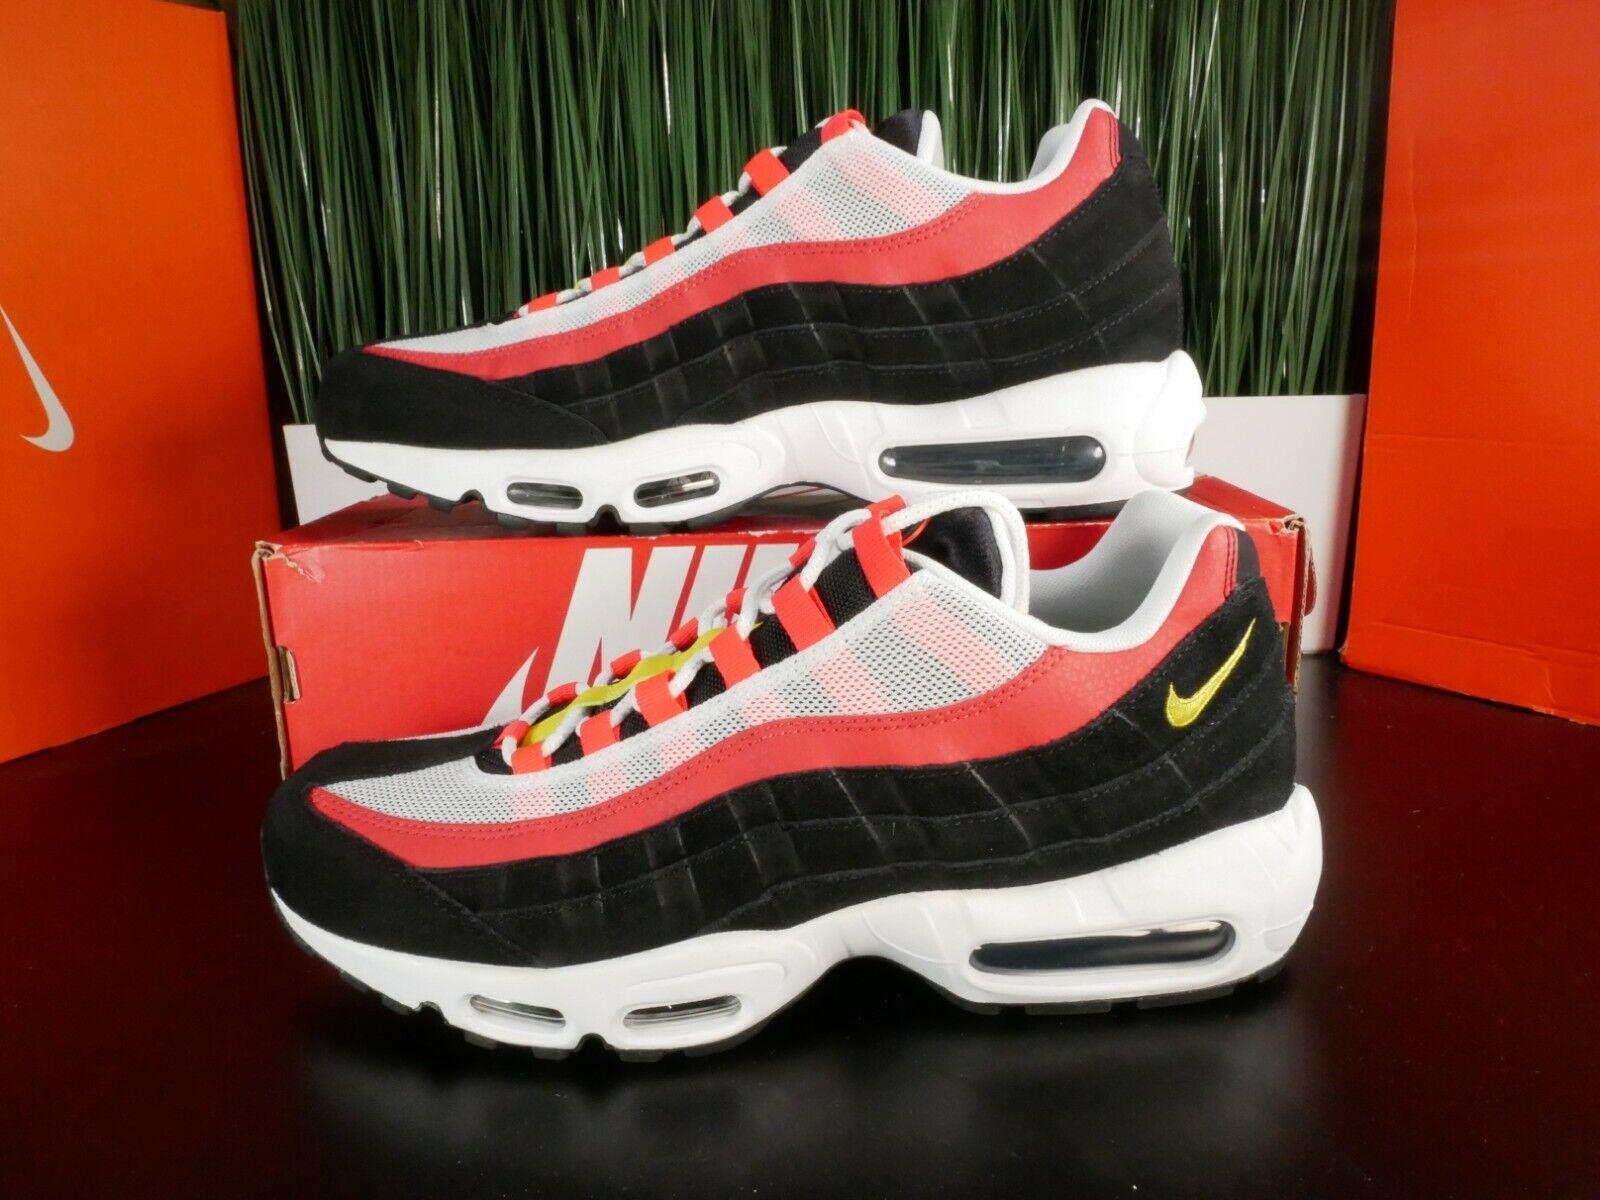 nike air max 95 premium red and black